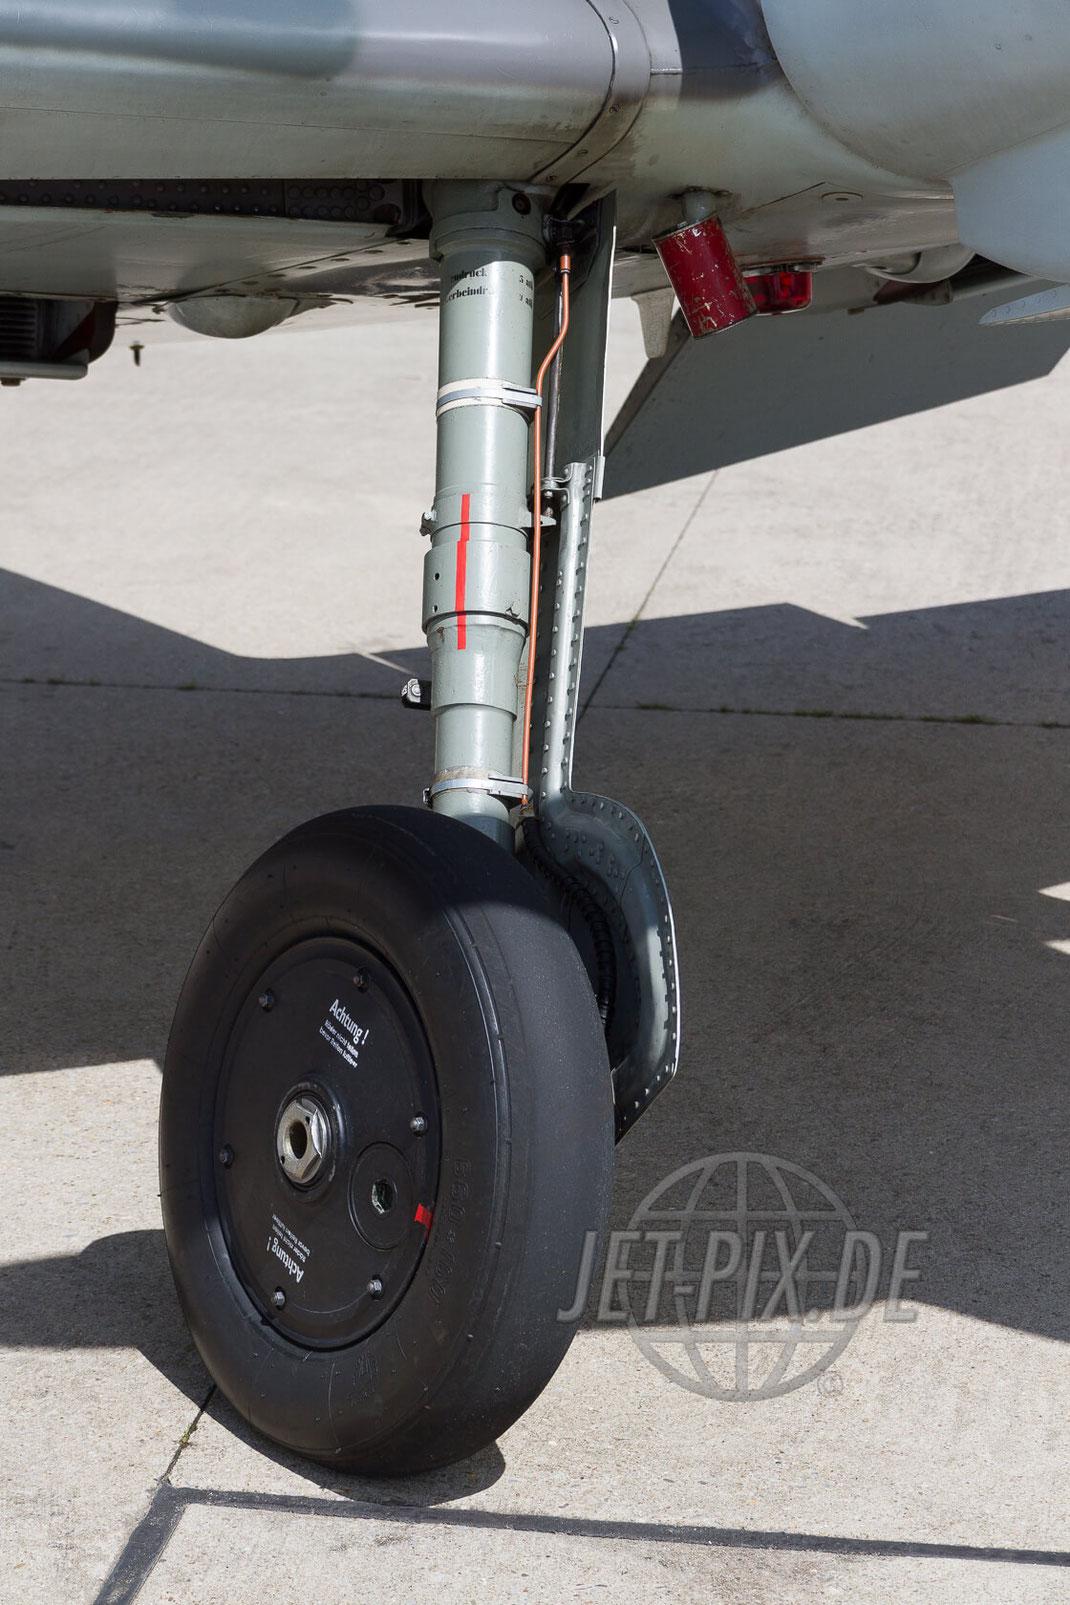 D-FWME Fahrwerk 30 YEARS AWACS 2012.06.17 ETNG/GKE Geilenkirchen